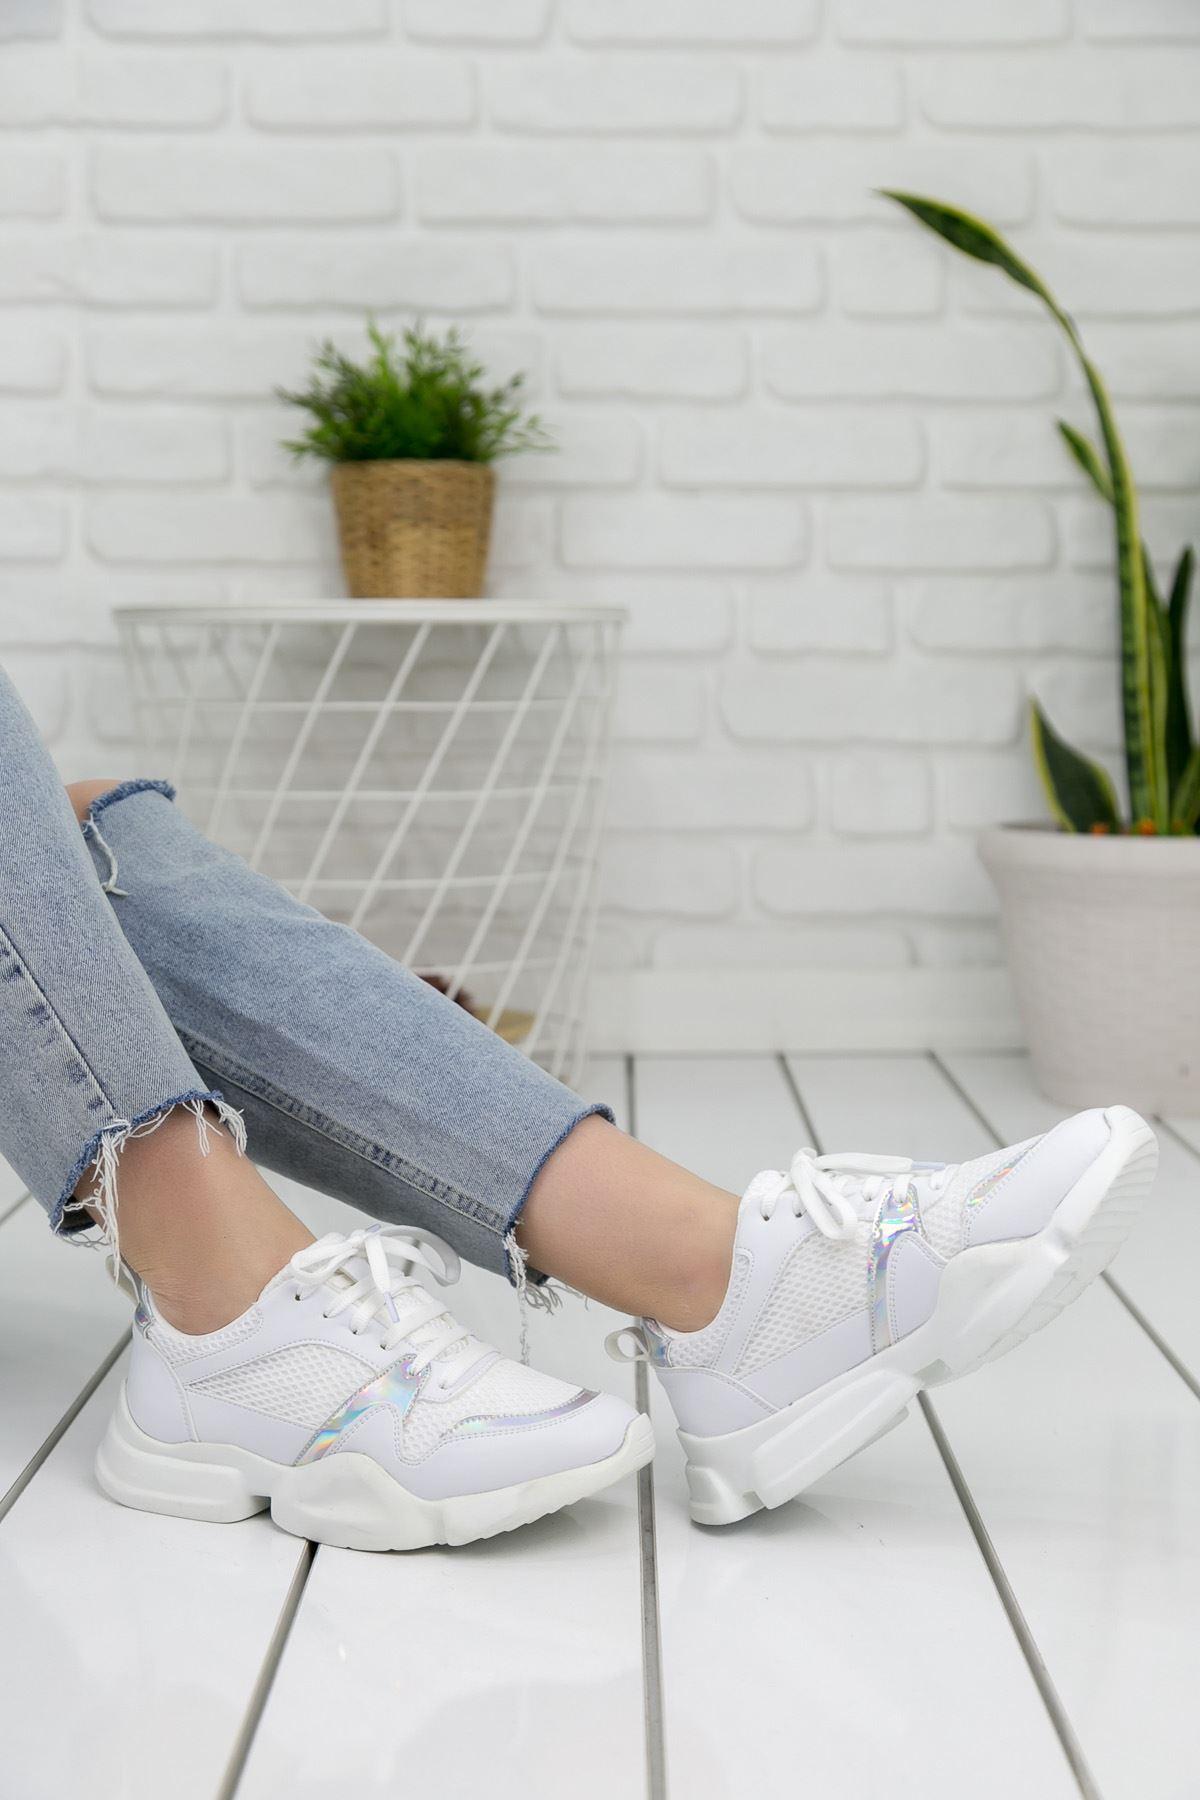 Horsey Beyaz Lame İthal Süet Bayan Spor Ayakkabı